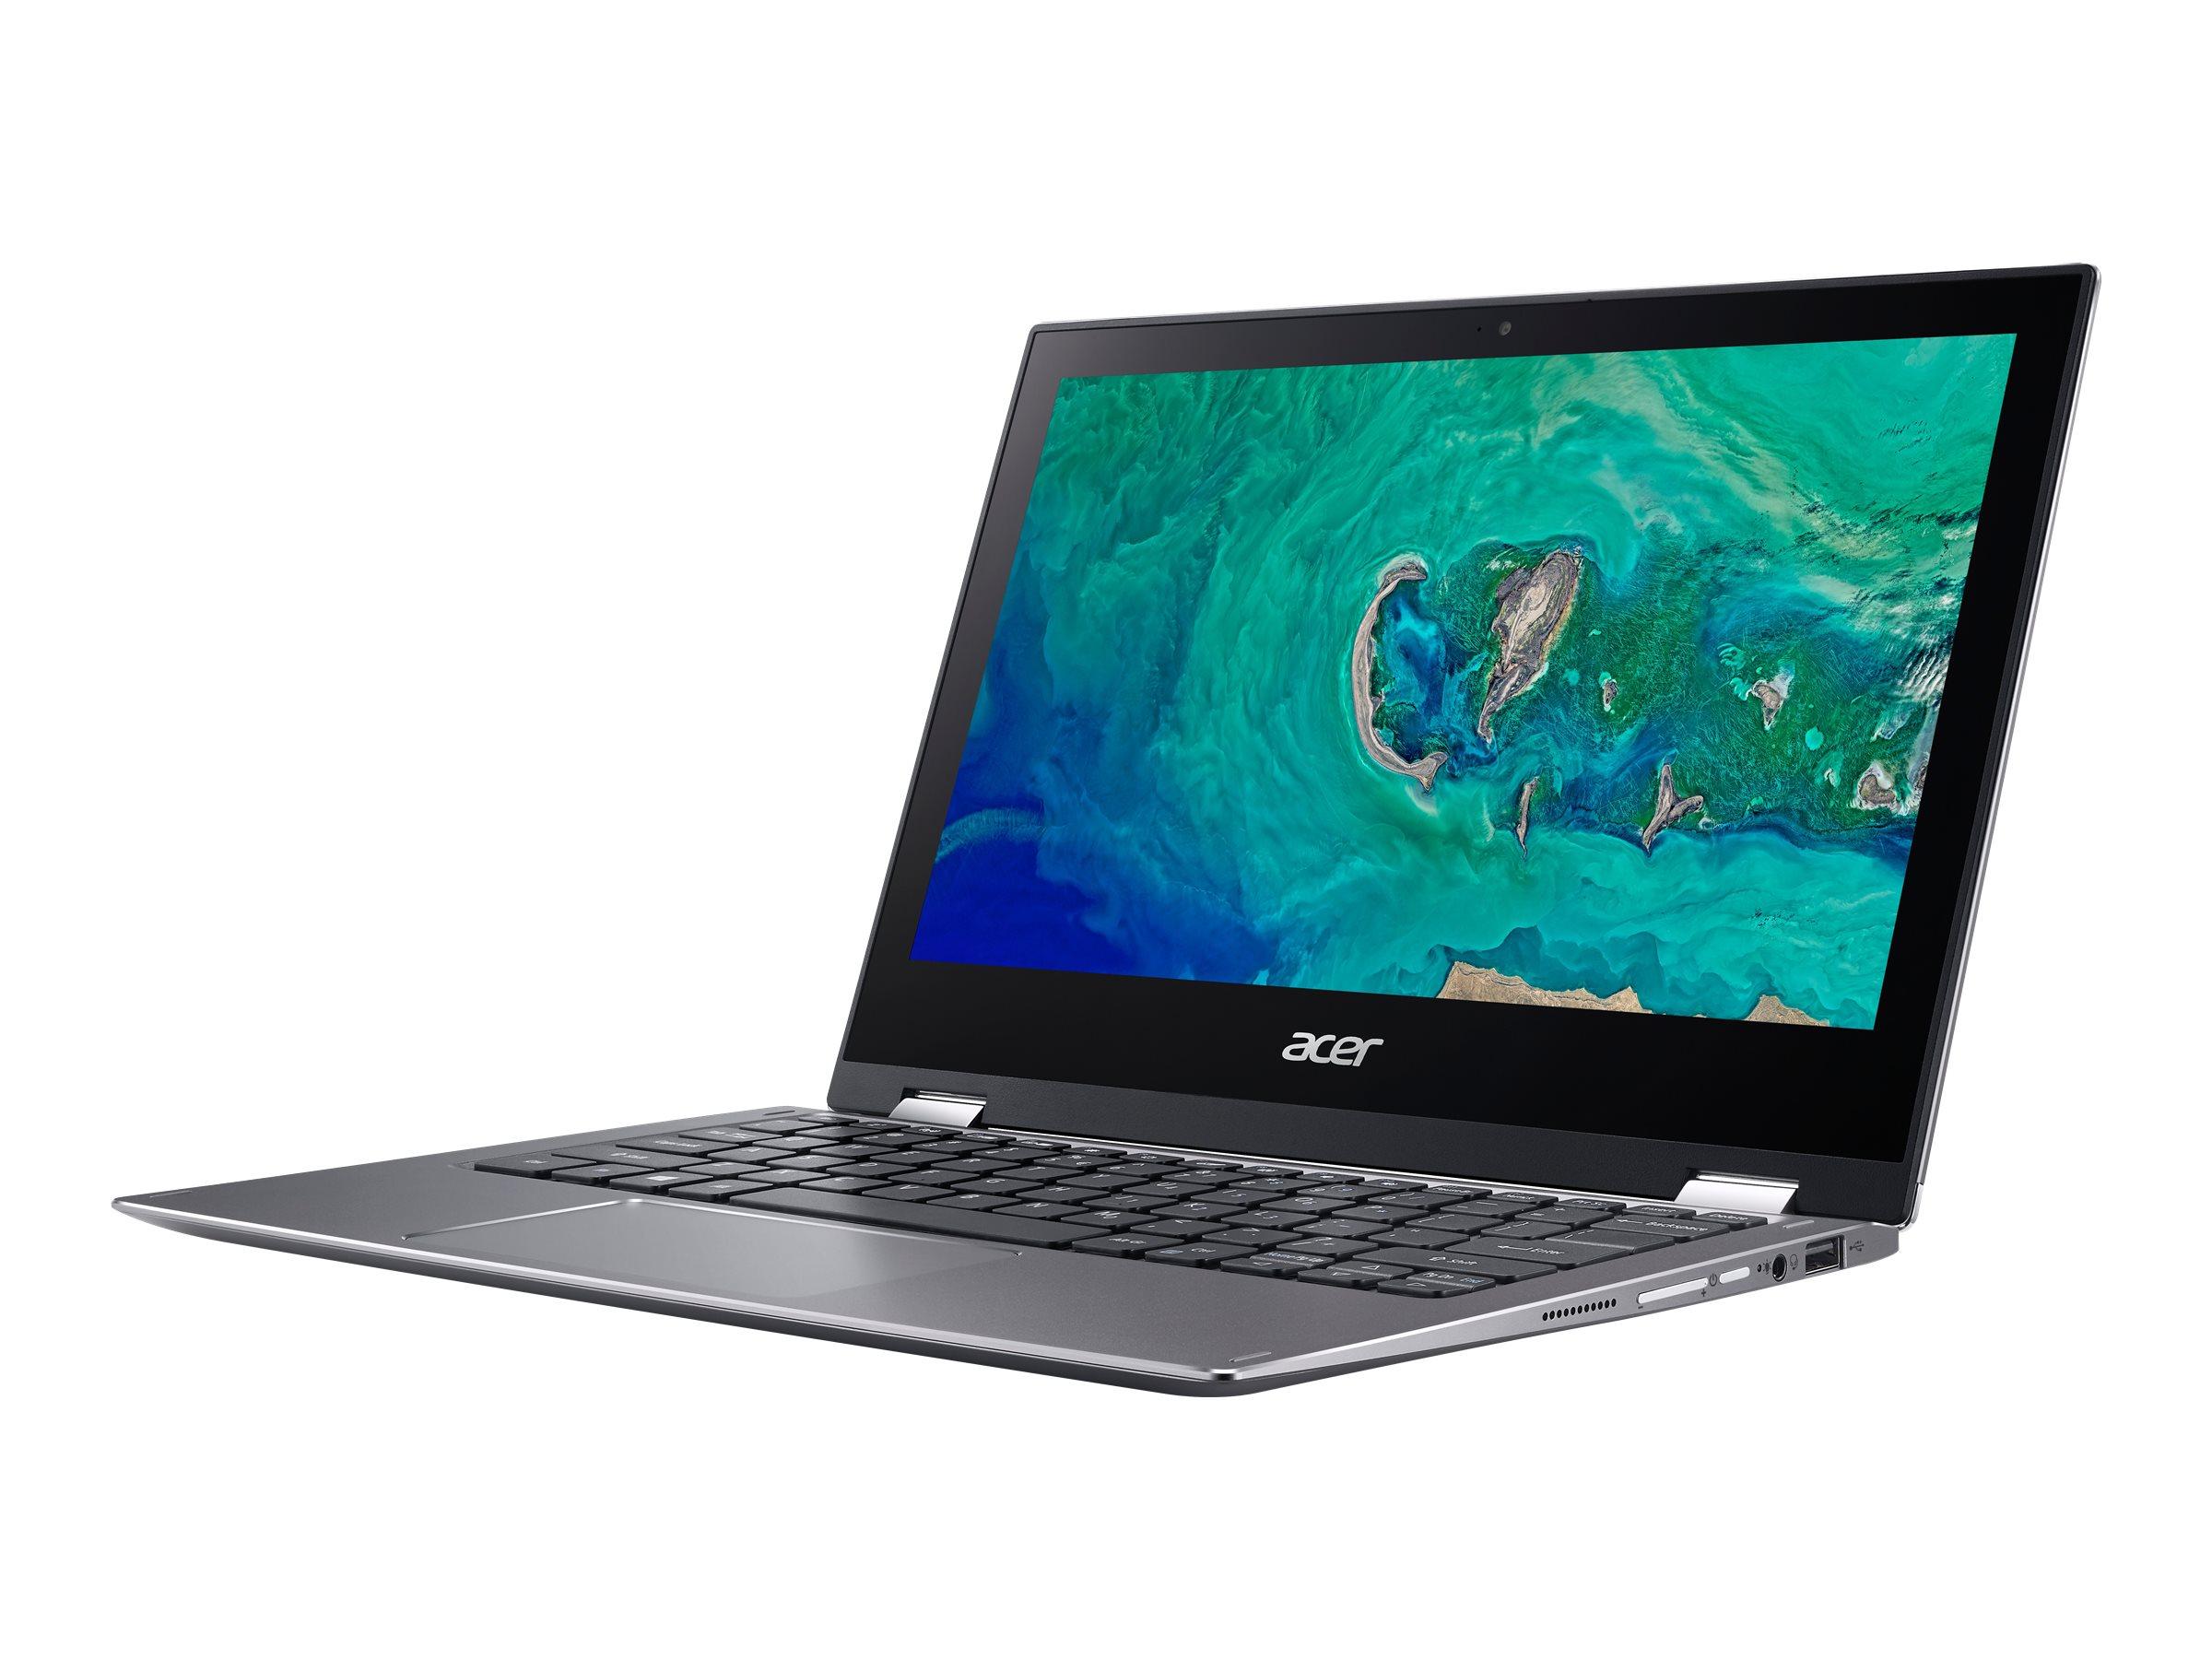 Acer Spin 1 SP111-34N-P36Y - Flip-Design - Pentium Silver N5030 / 1.1 GHz - Windows 10 Home 64-Bit im S-Modus - 4 GB RAM